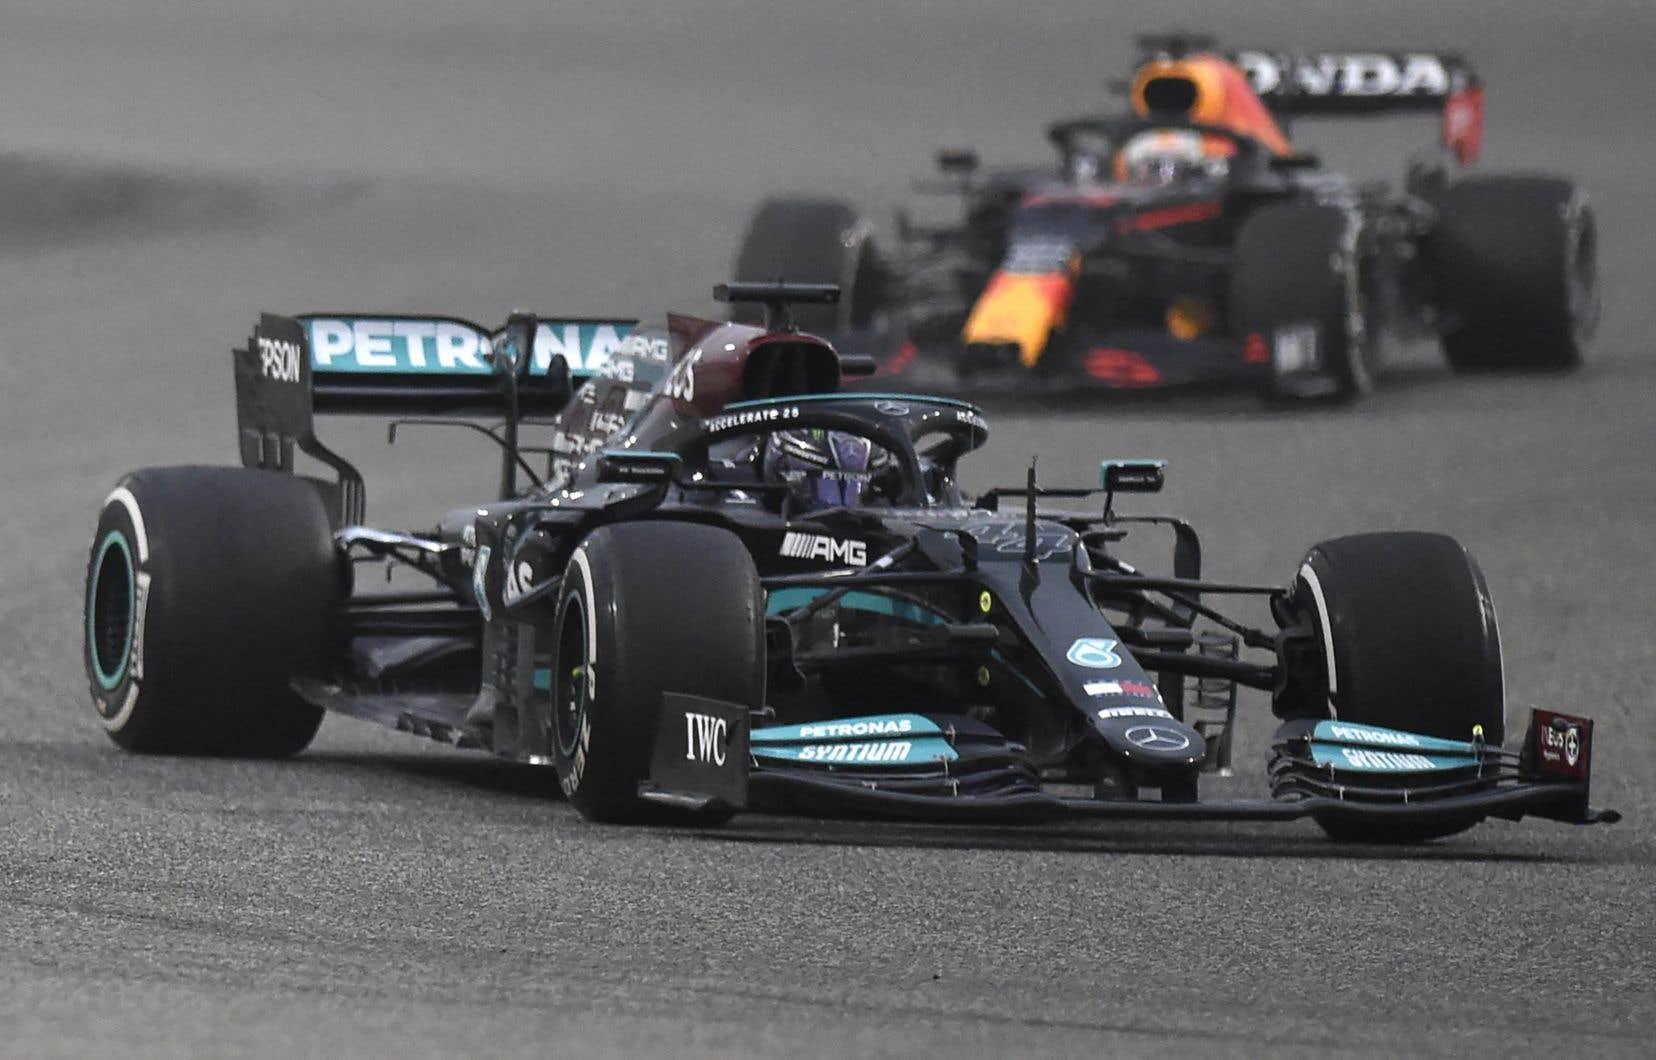 Le Grand Prix du Canada est prévu le 13 juin sur le circuit Gilles-Villeneuve, sur l'île Notre-Dame. L'option d'un report à une date ultérieure n'est pas envisagée, puisque le calendrier compressé de la F1 cette année compte déjà un nombre record de 23 courses.